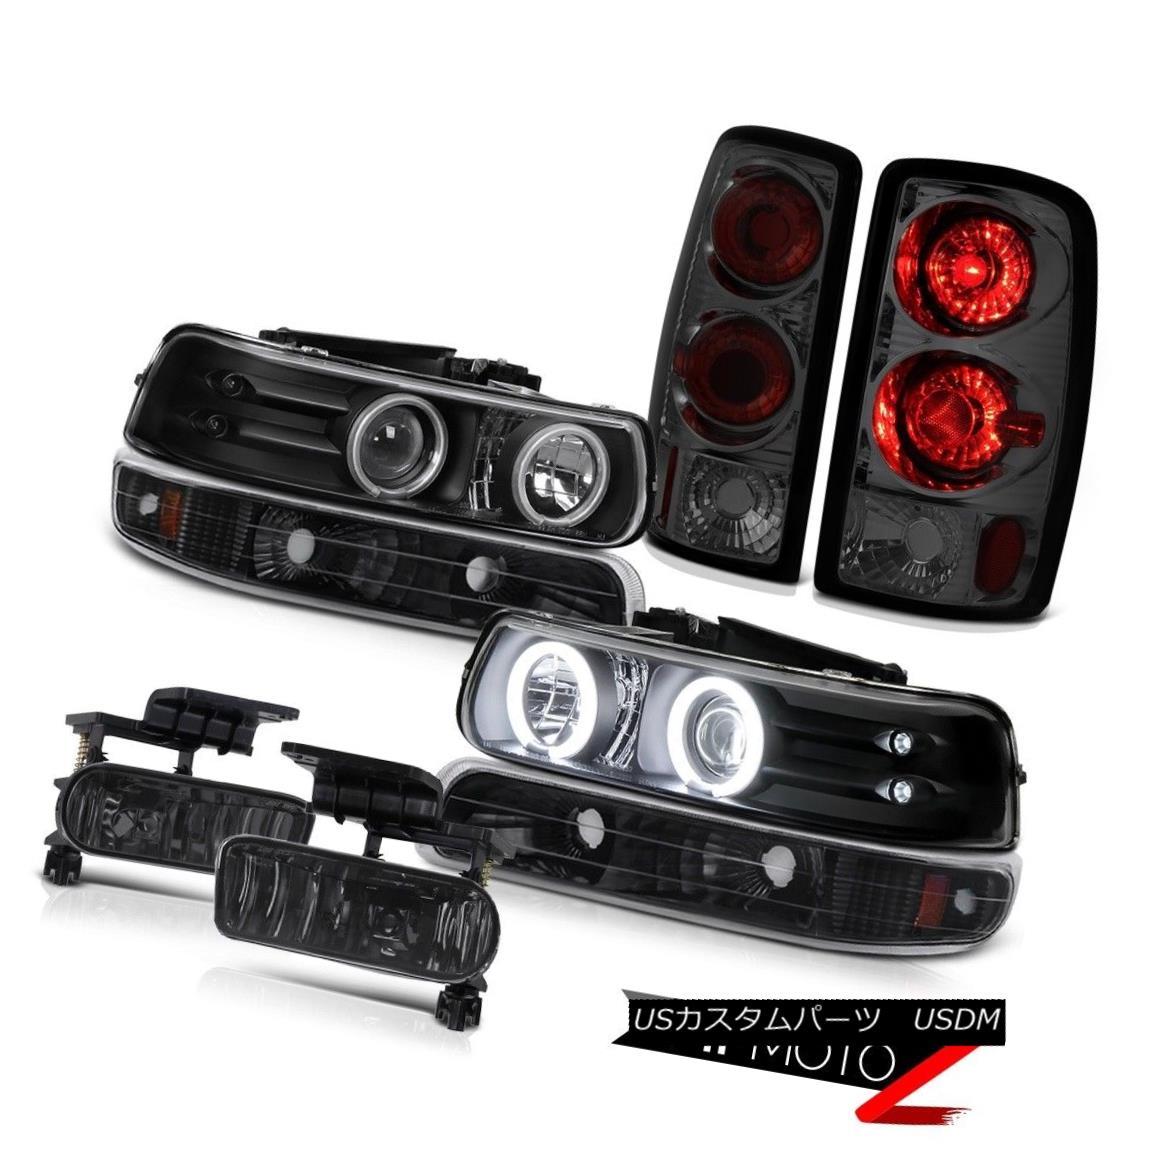 ヘッドライト [BRIGHTEST] CCFL Rim Headlight Tinted Brake Light Smoke Fog 00-06 Chevy Suburban [明るい] CCFLリムヘッドライト薄いブレーキライト煙霧00-06シボレー郊外